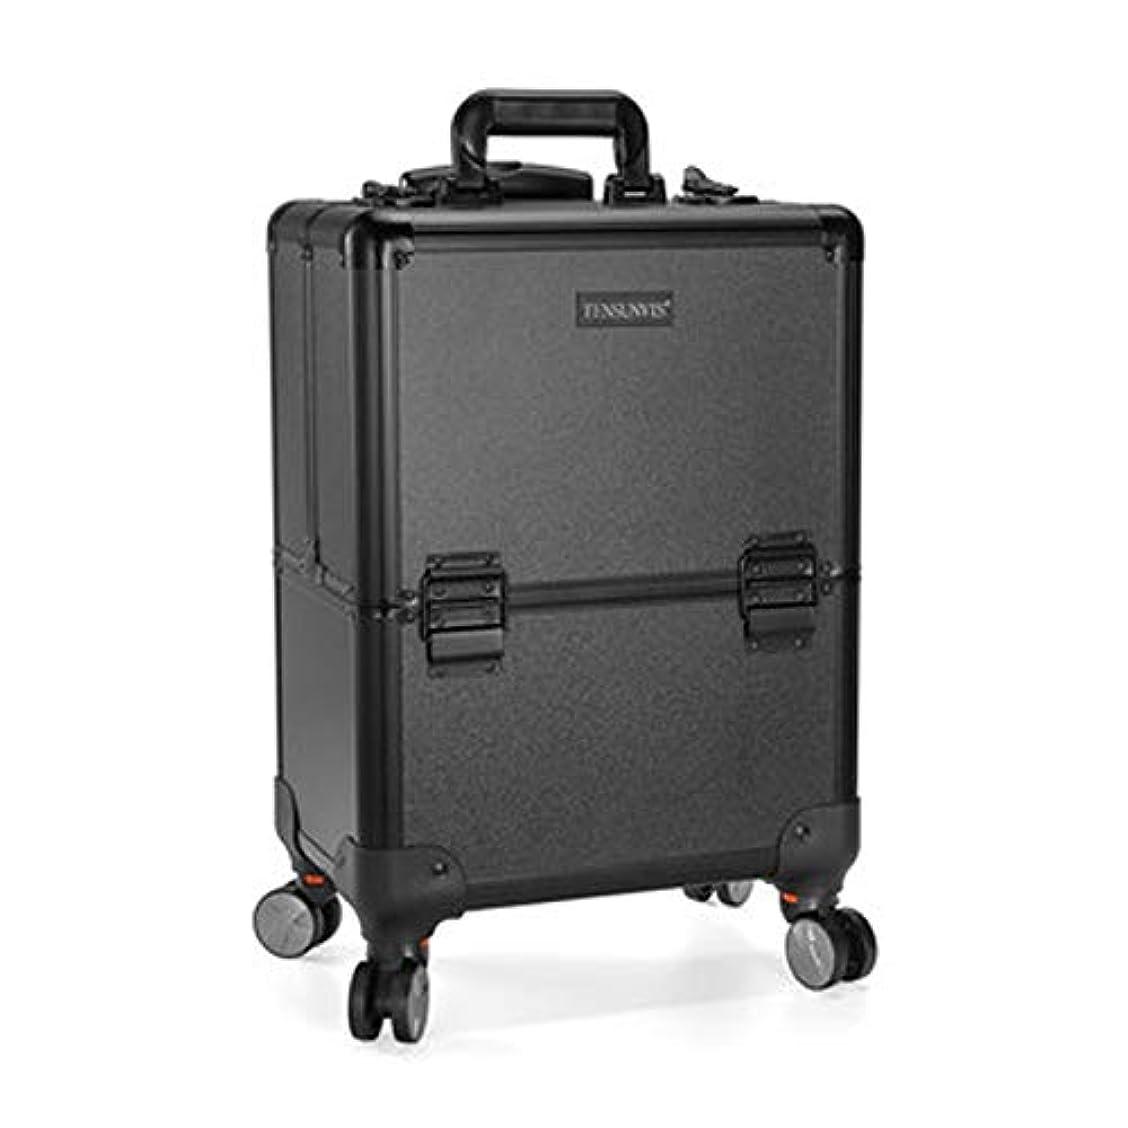 矢じり大惨事熟読するプロ専用 美容師 クローゼット スーツケース メイクボックス キャリーバッグ ヘアメイク プロ 大容量 軽量 高品質 多機能 I-TT-317T-B